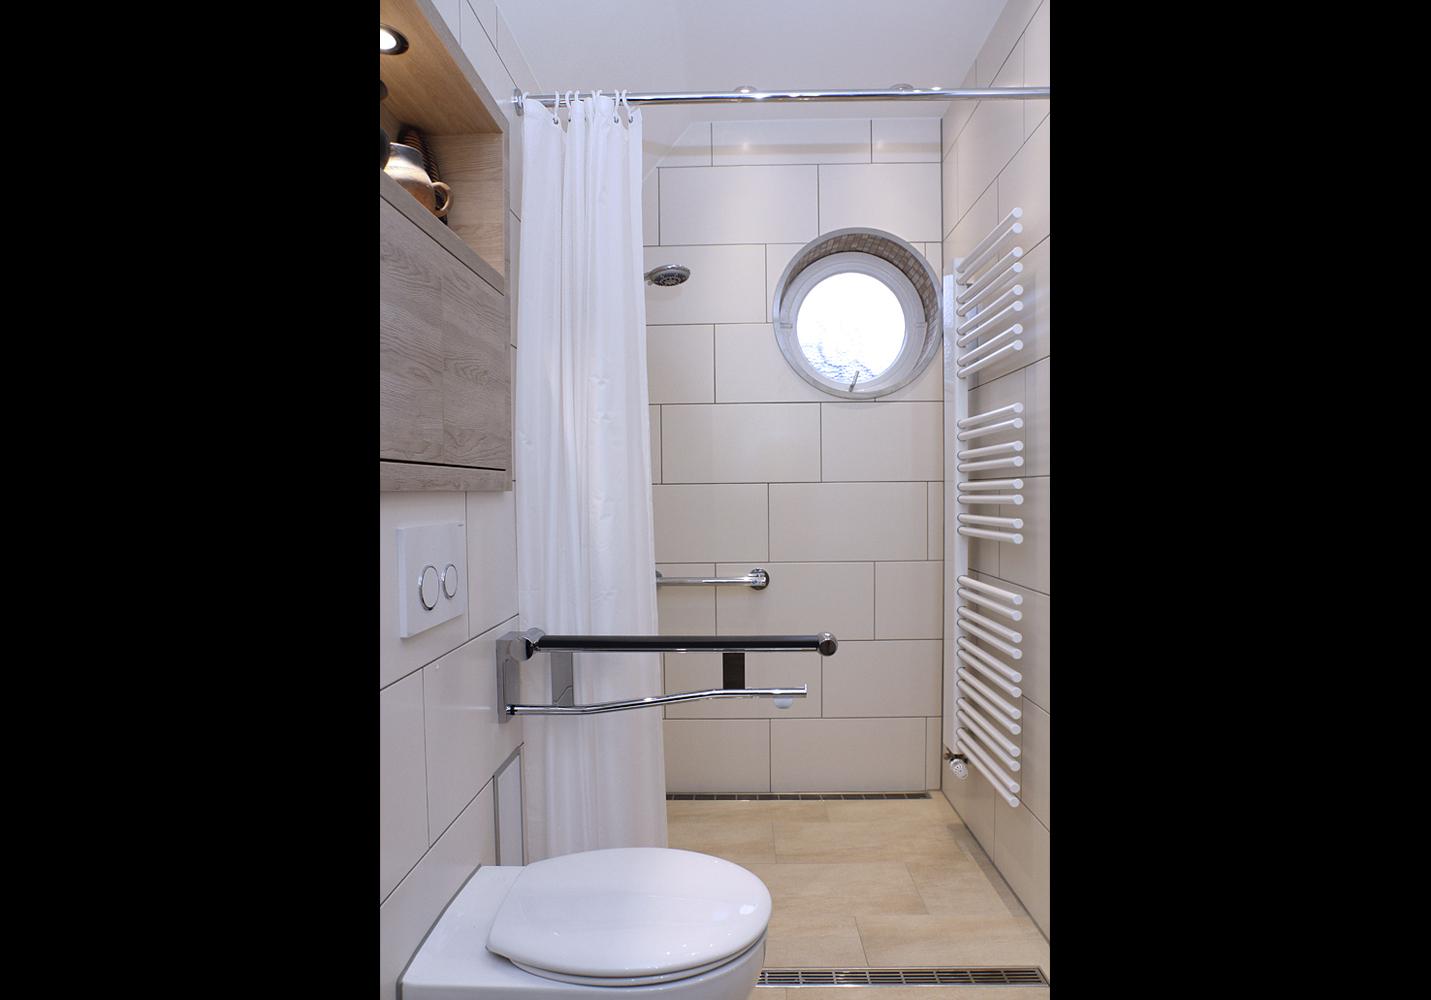 Blick in den gefliesten Duschbereichs mit historischem Rundfenster. WC mit Klapphaltegriff.